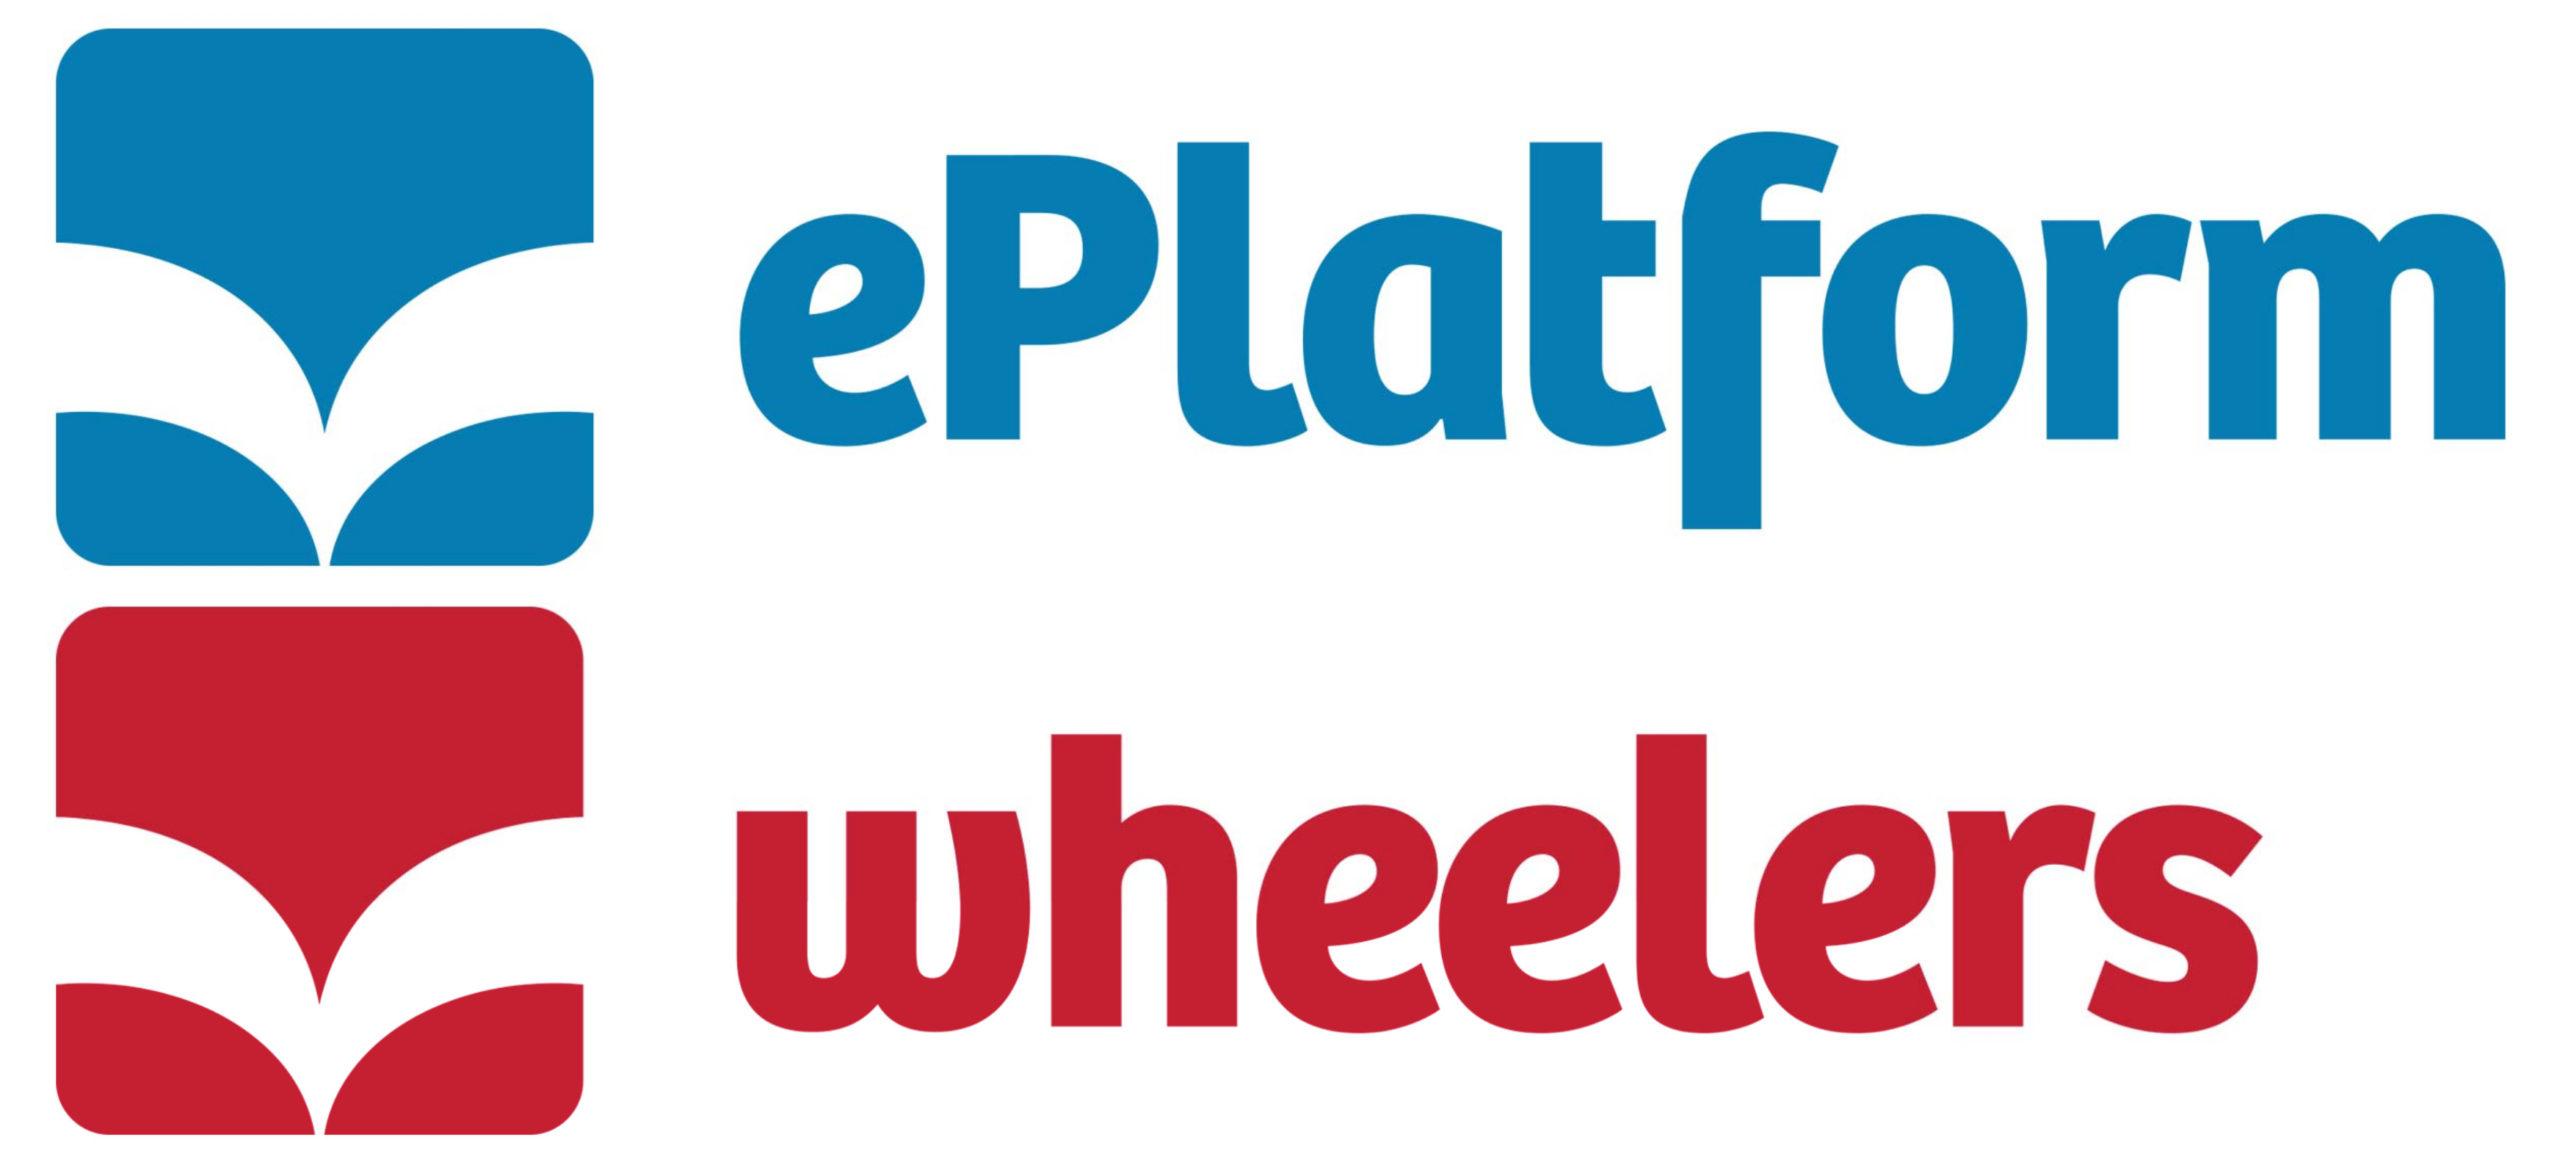 ePlatform_Wheelers_logos